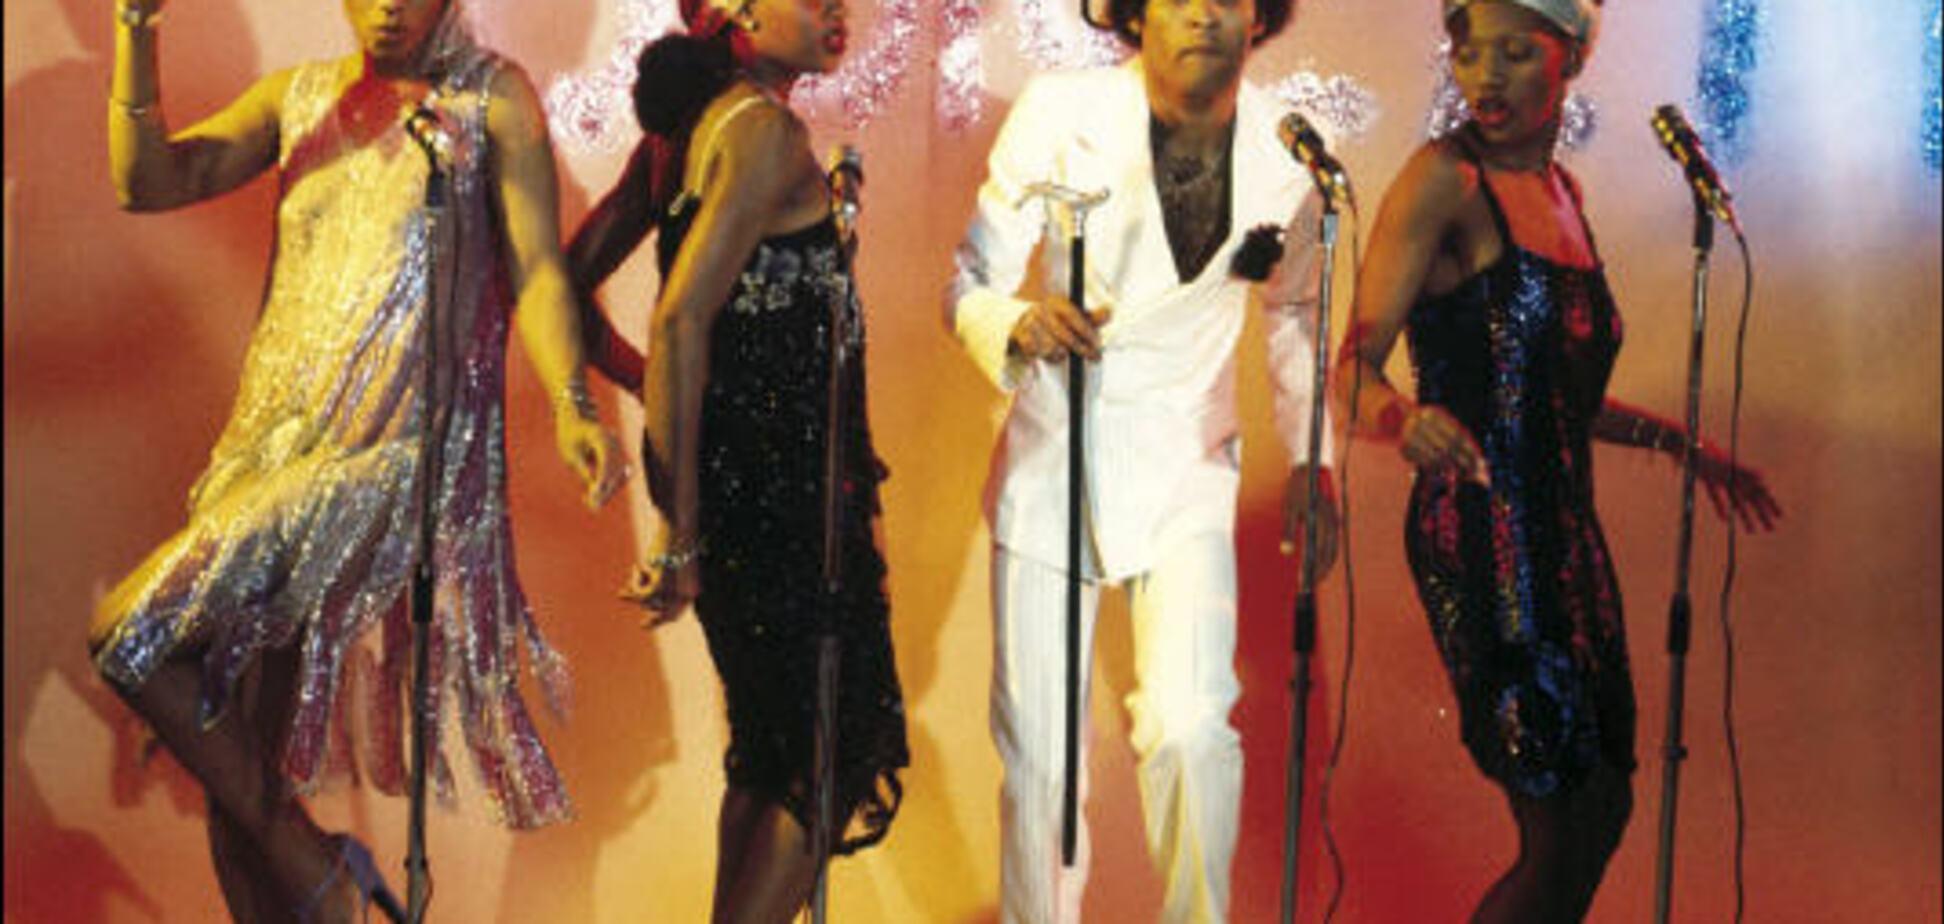 Концерт Boney M, 01.06, 05.06